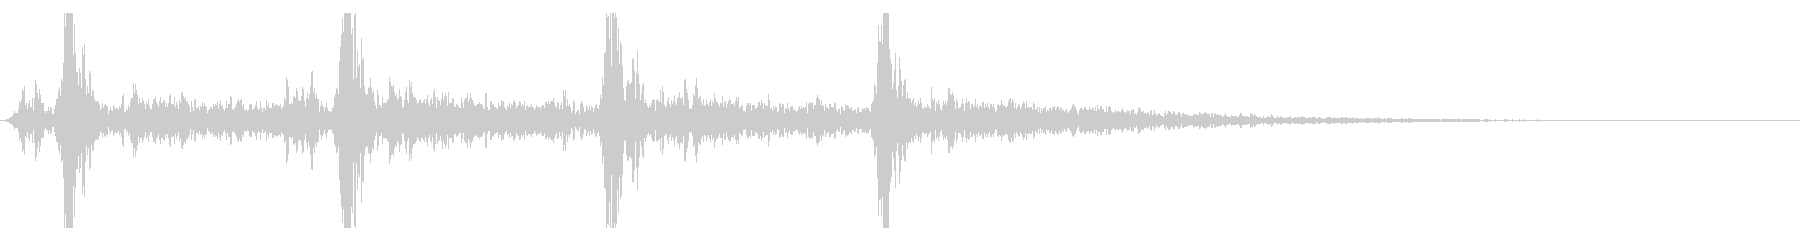 シャン×4回(鈴の音・4回・広がりあり)の未再生の波形